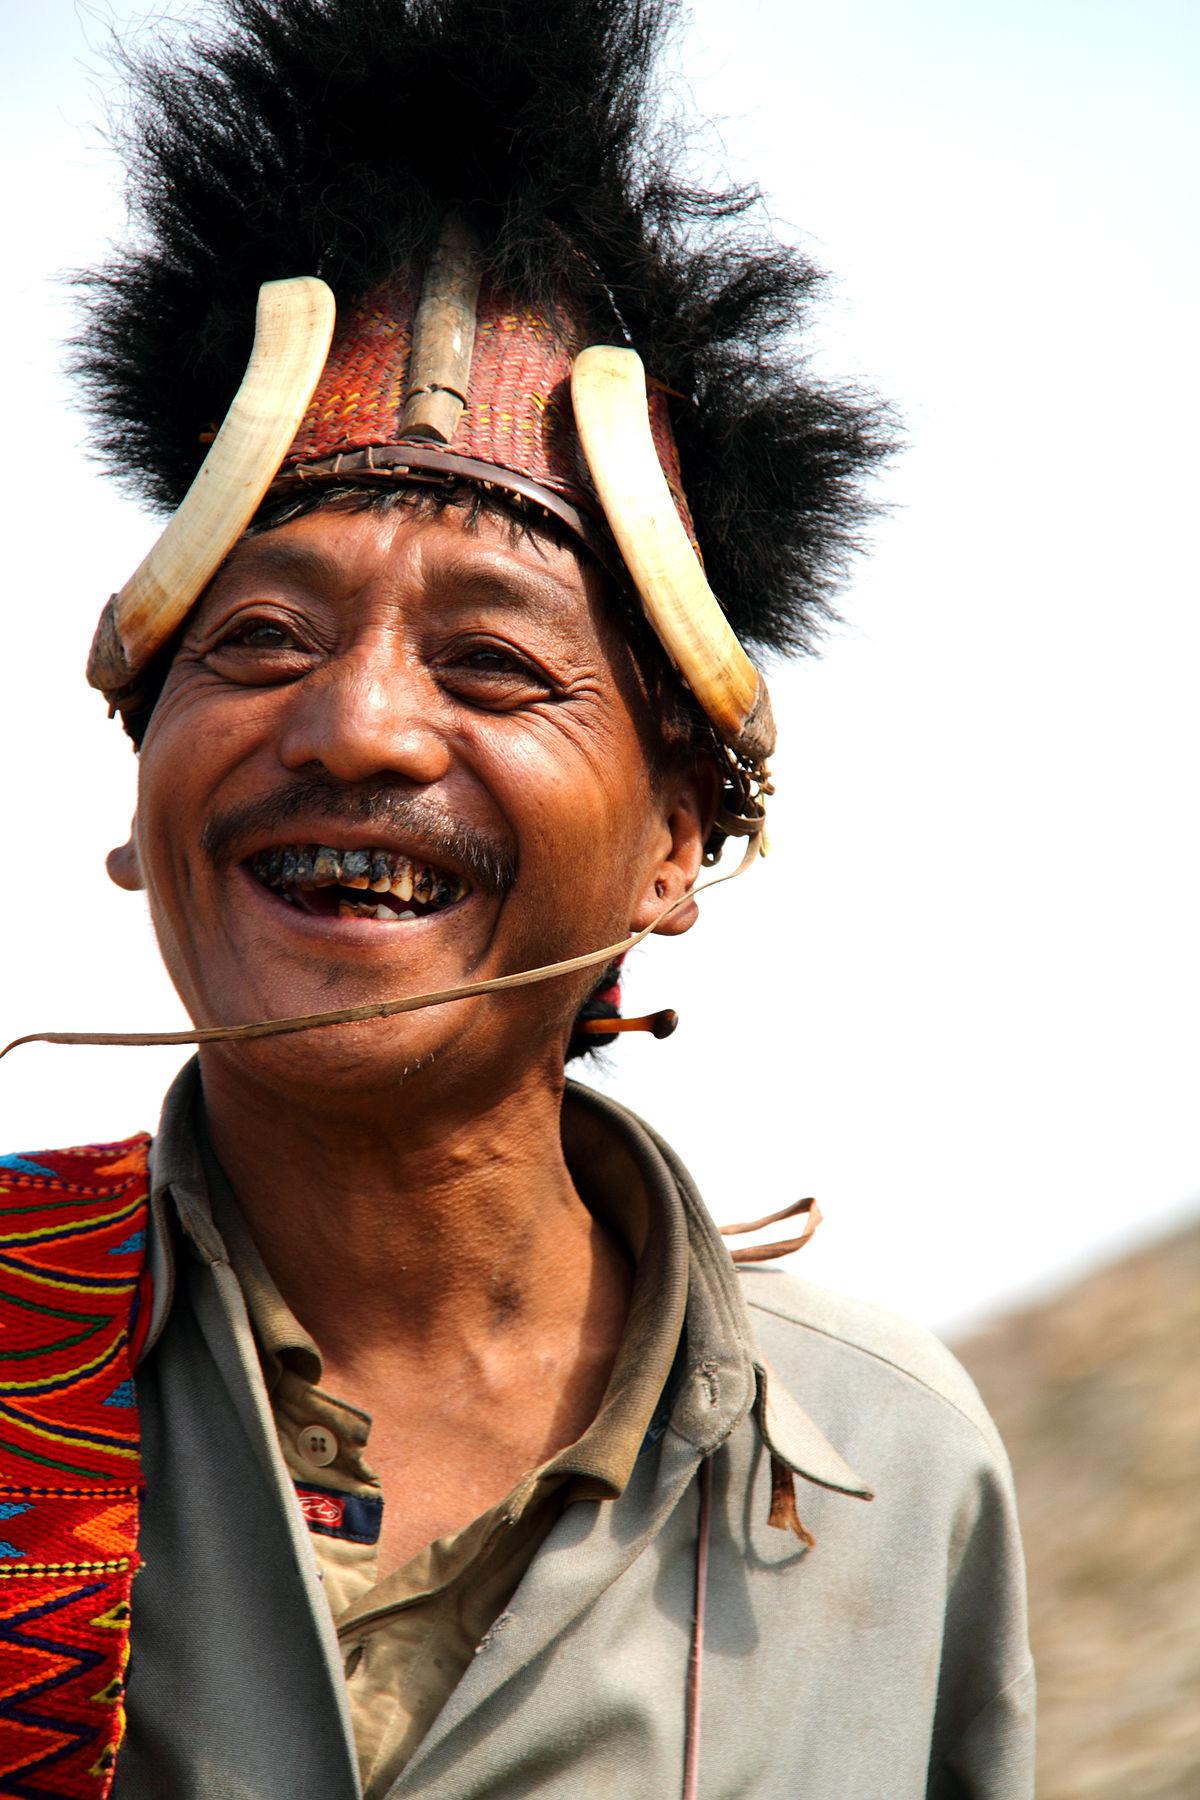 Asian High Fashion